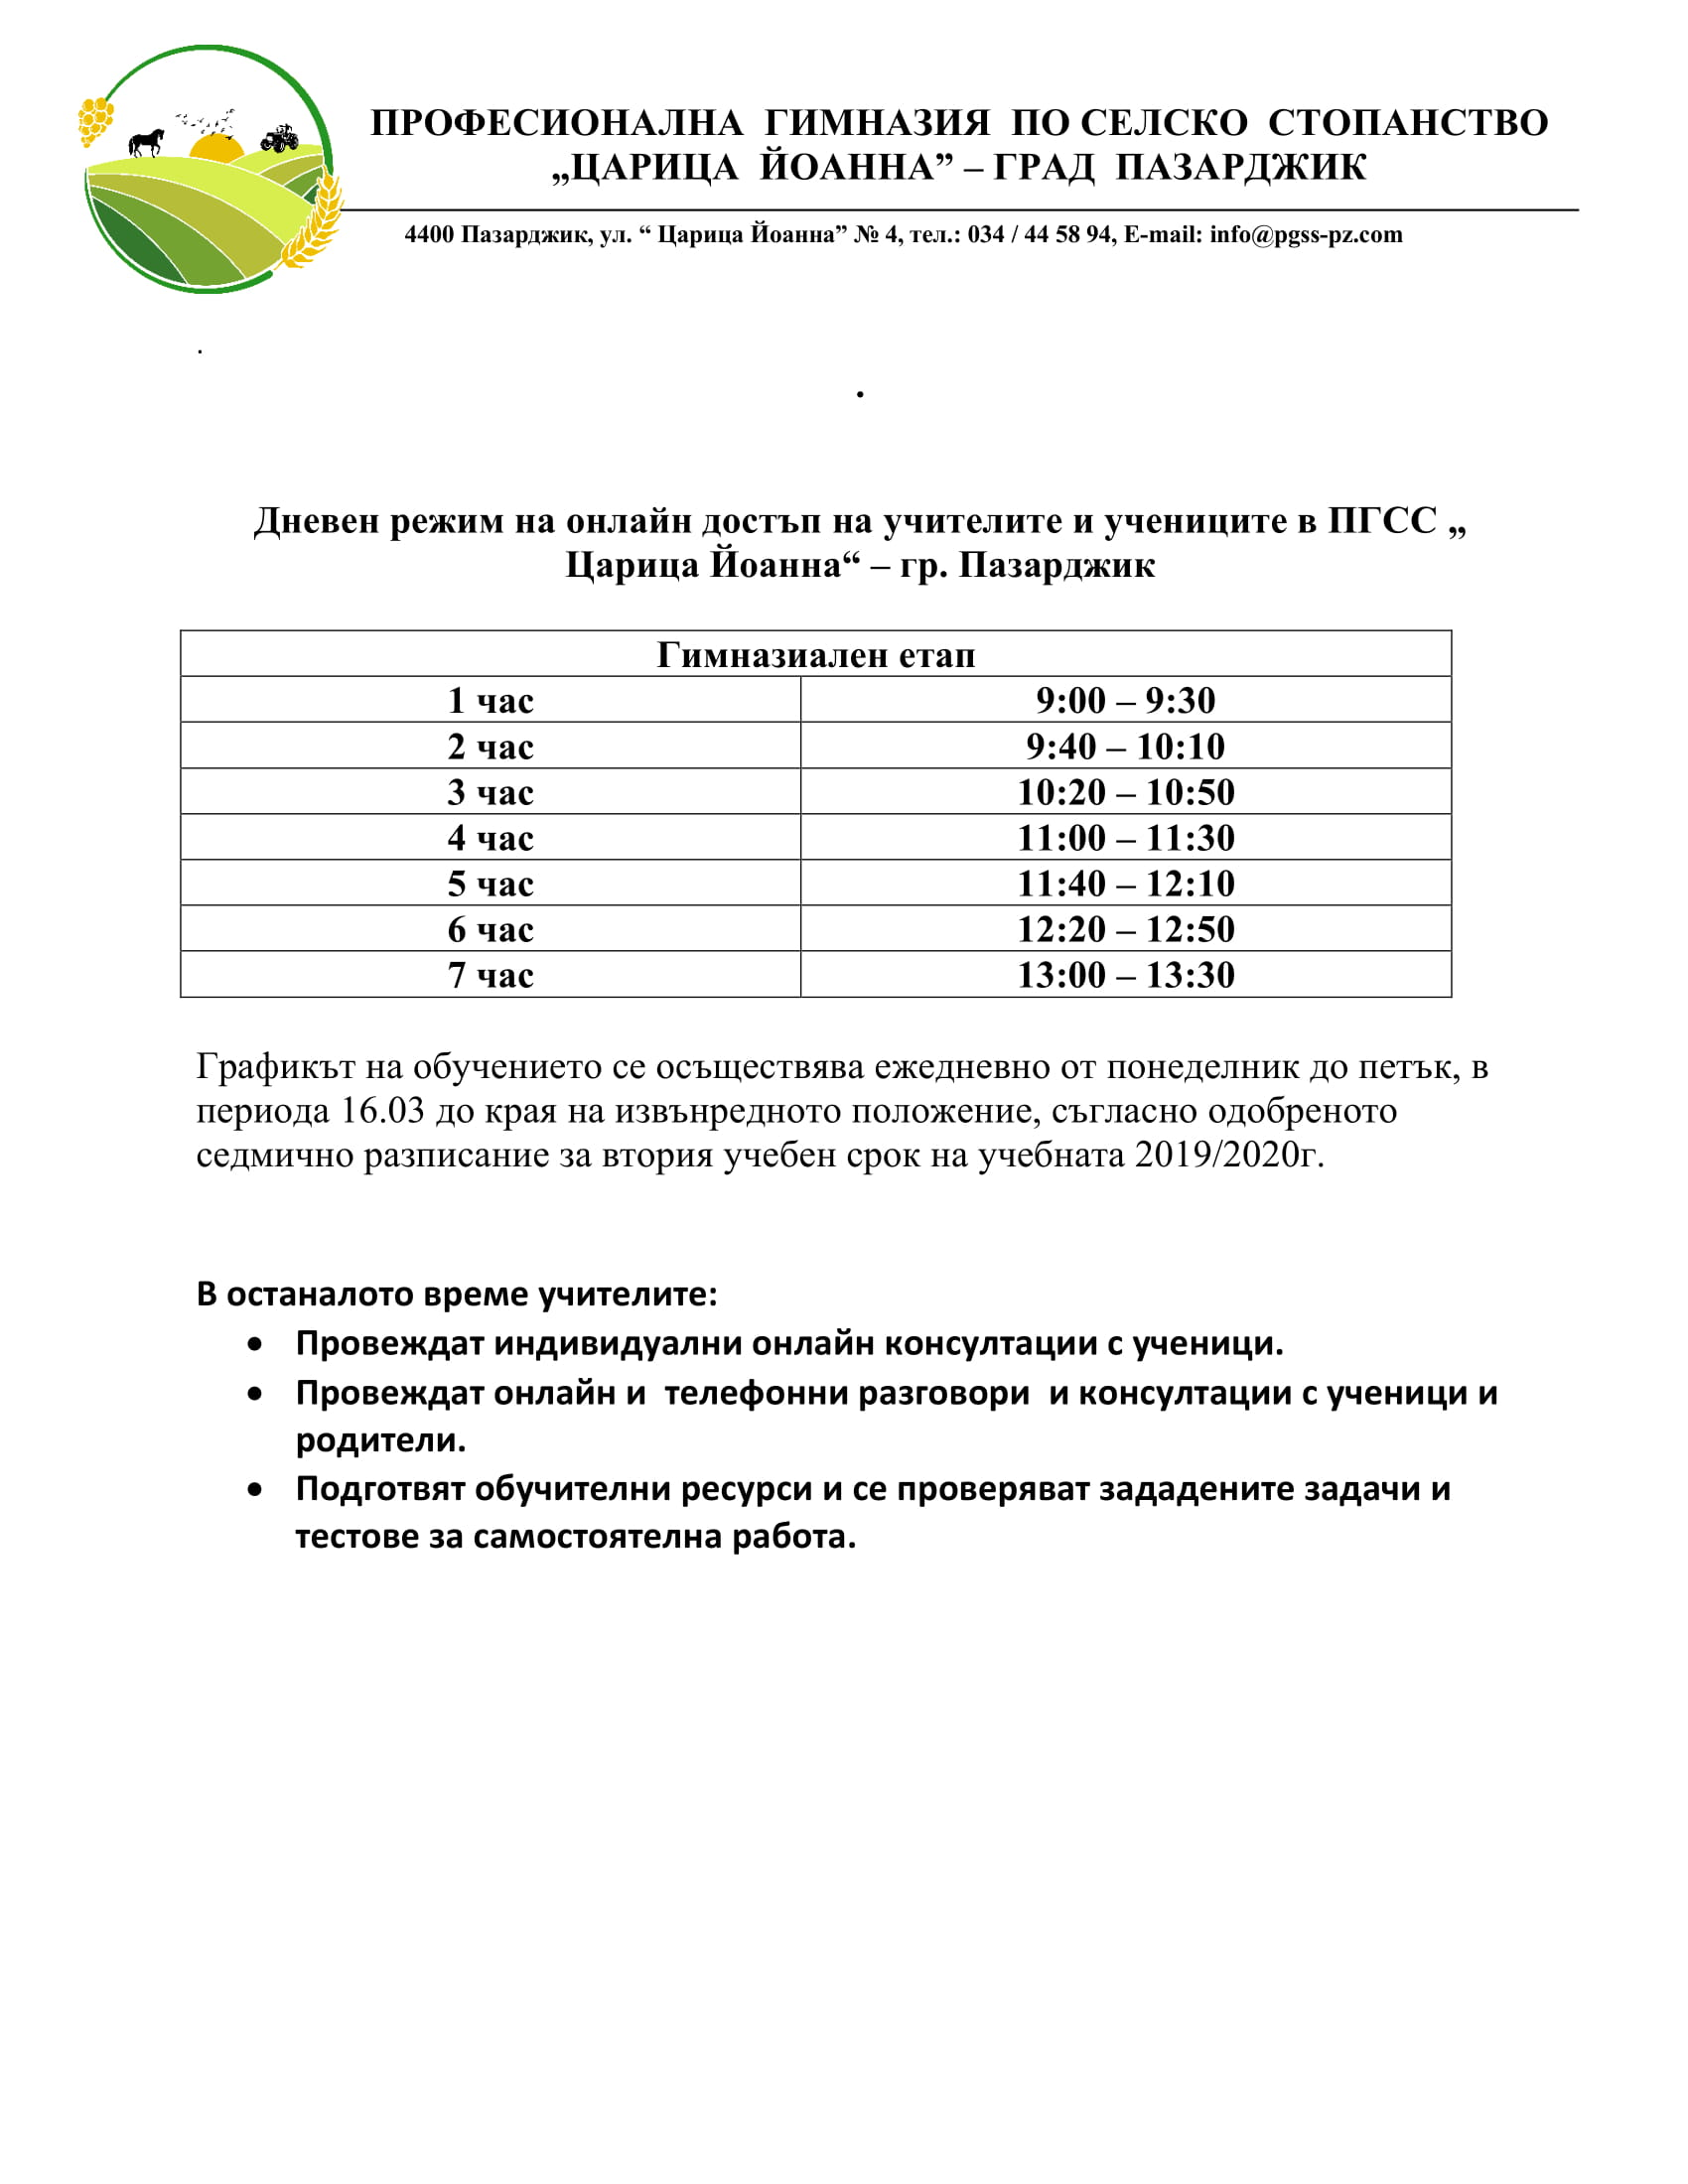 График за провеждане на обучение по време на извънредното положение